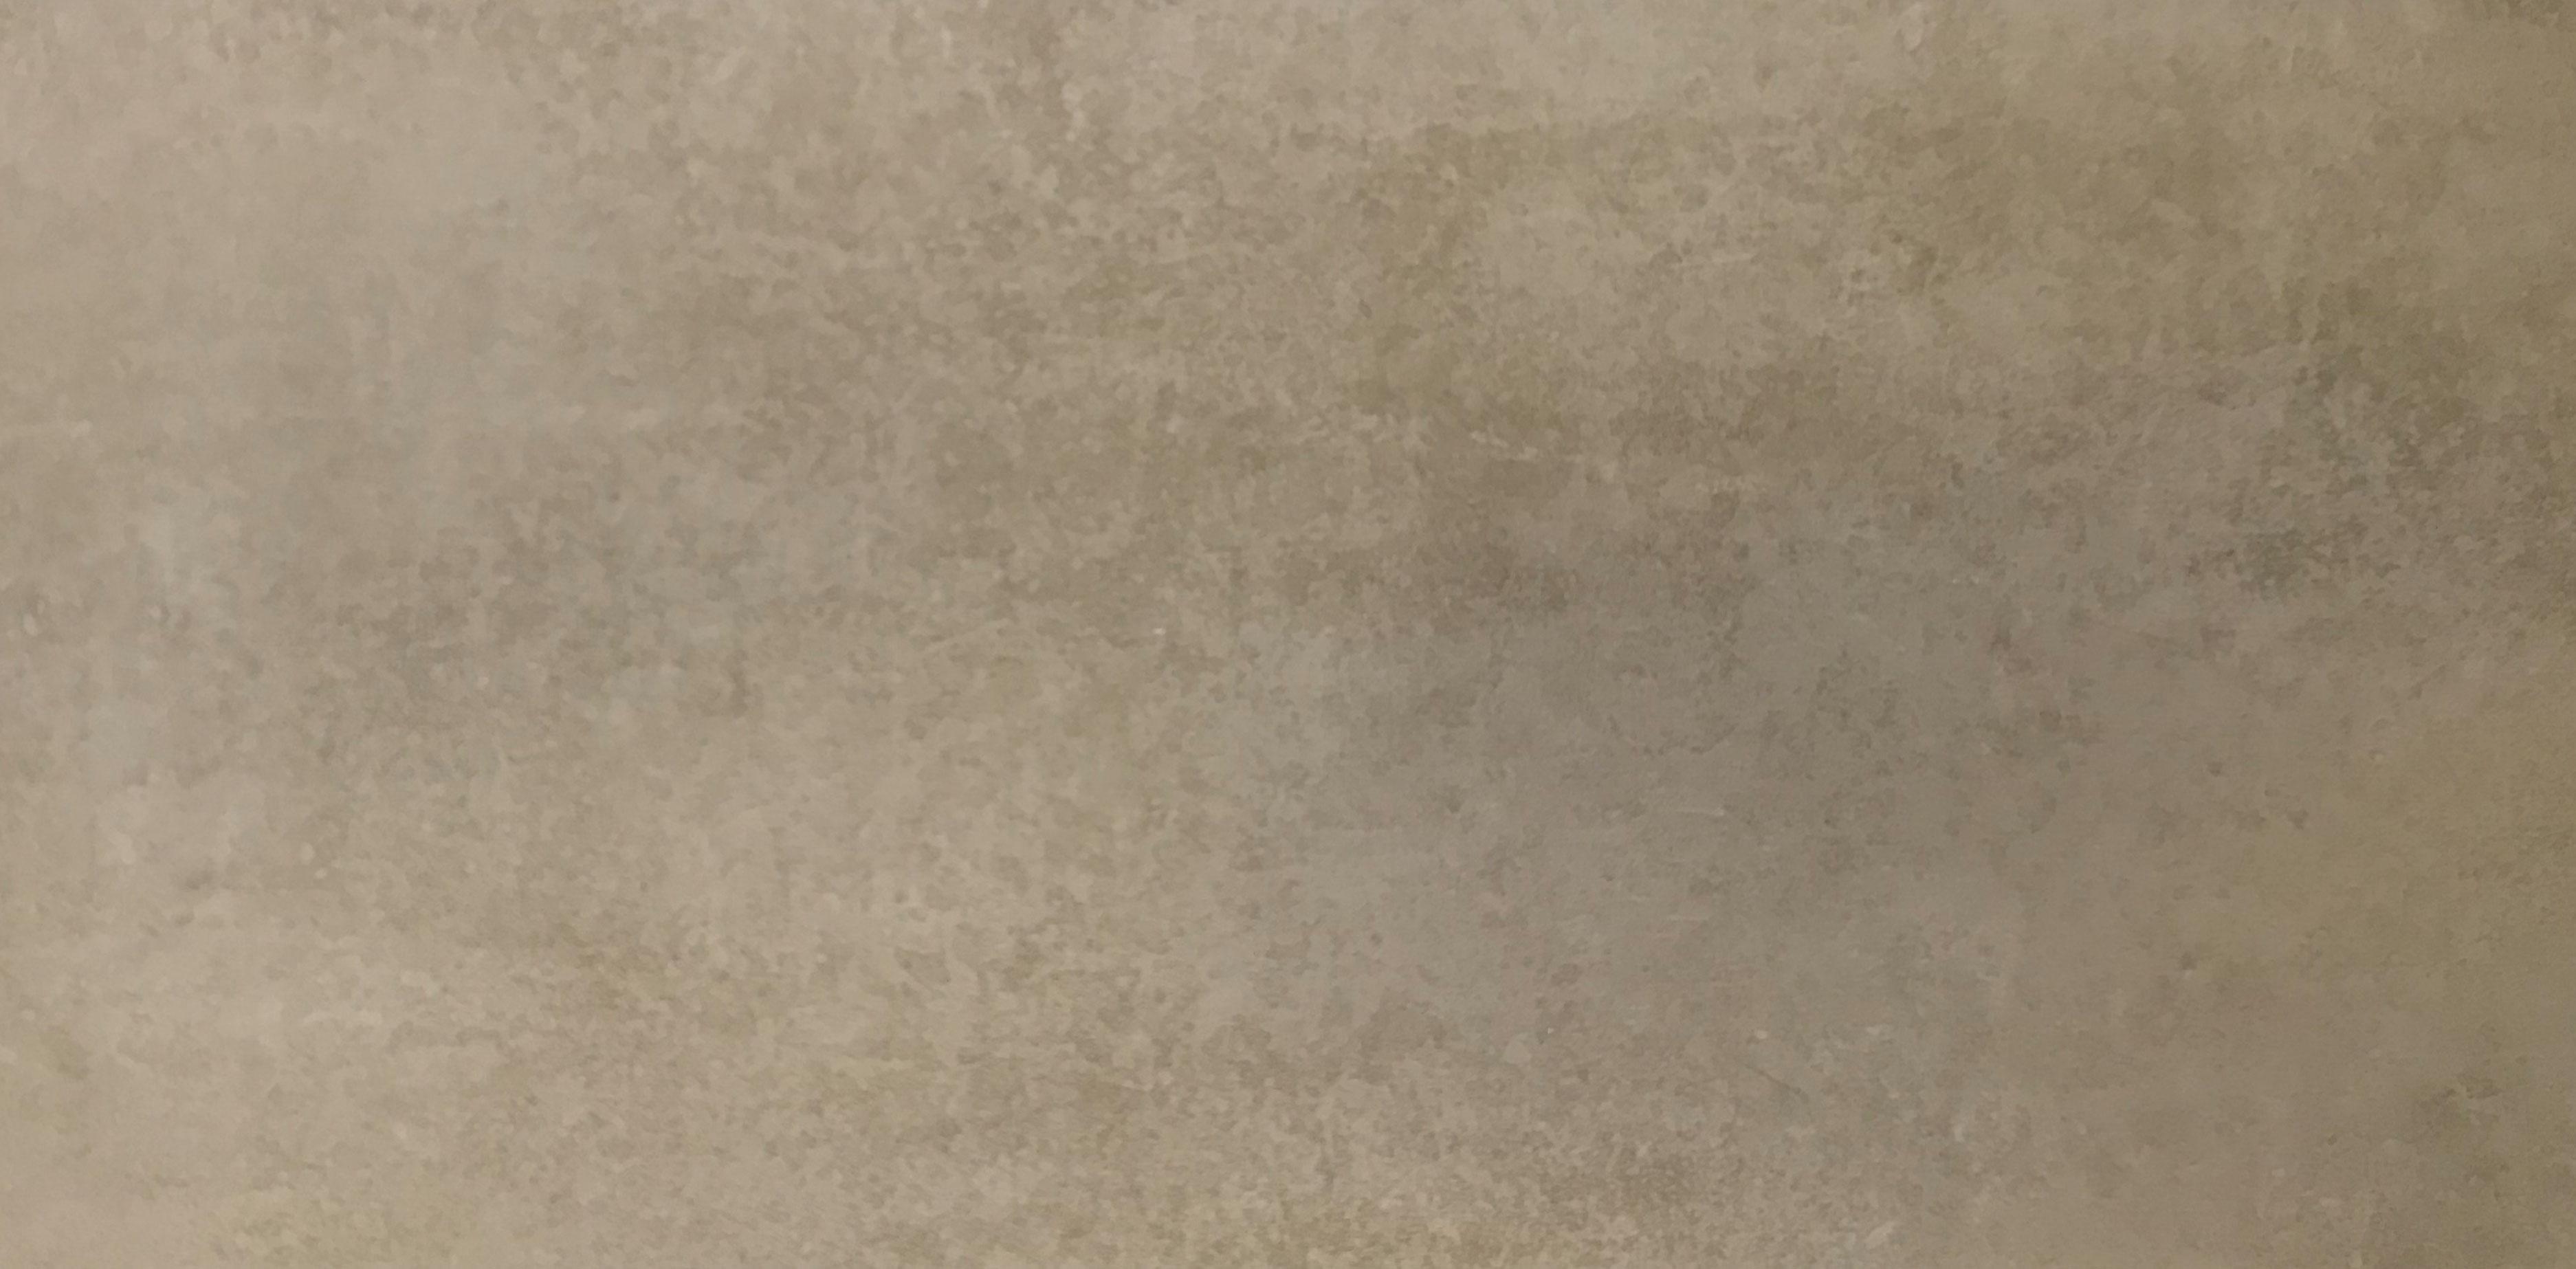 Interbau Blink Opus matt Boden-/Wandfliese Braunbeige 30x60